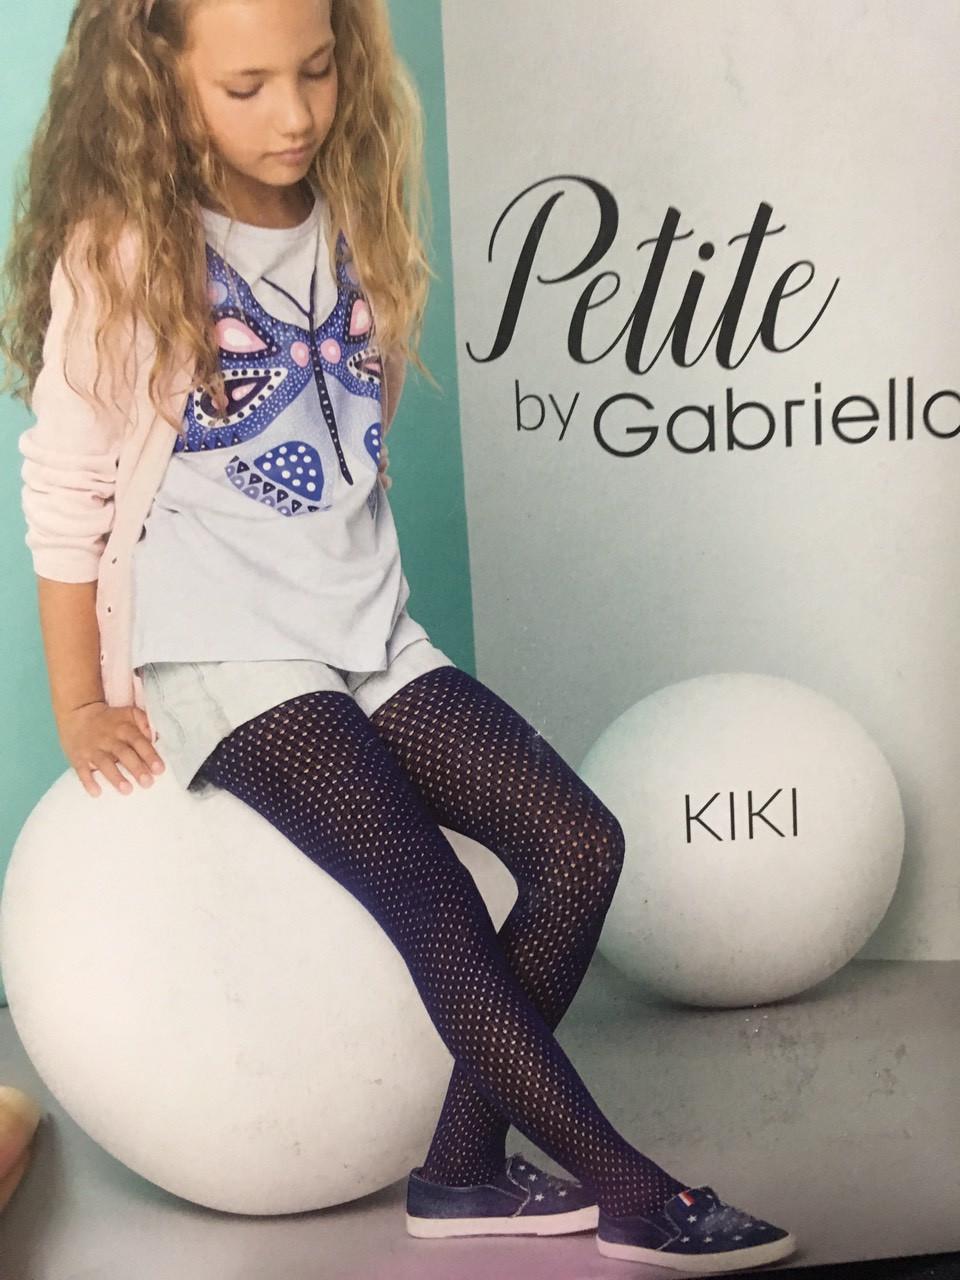 Petite  Kiki